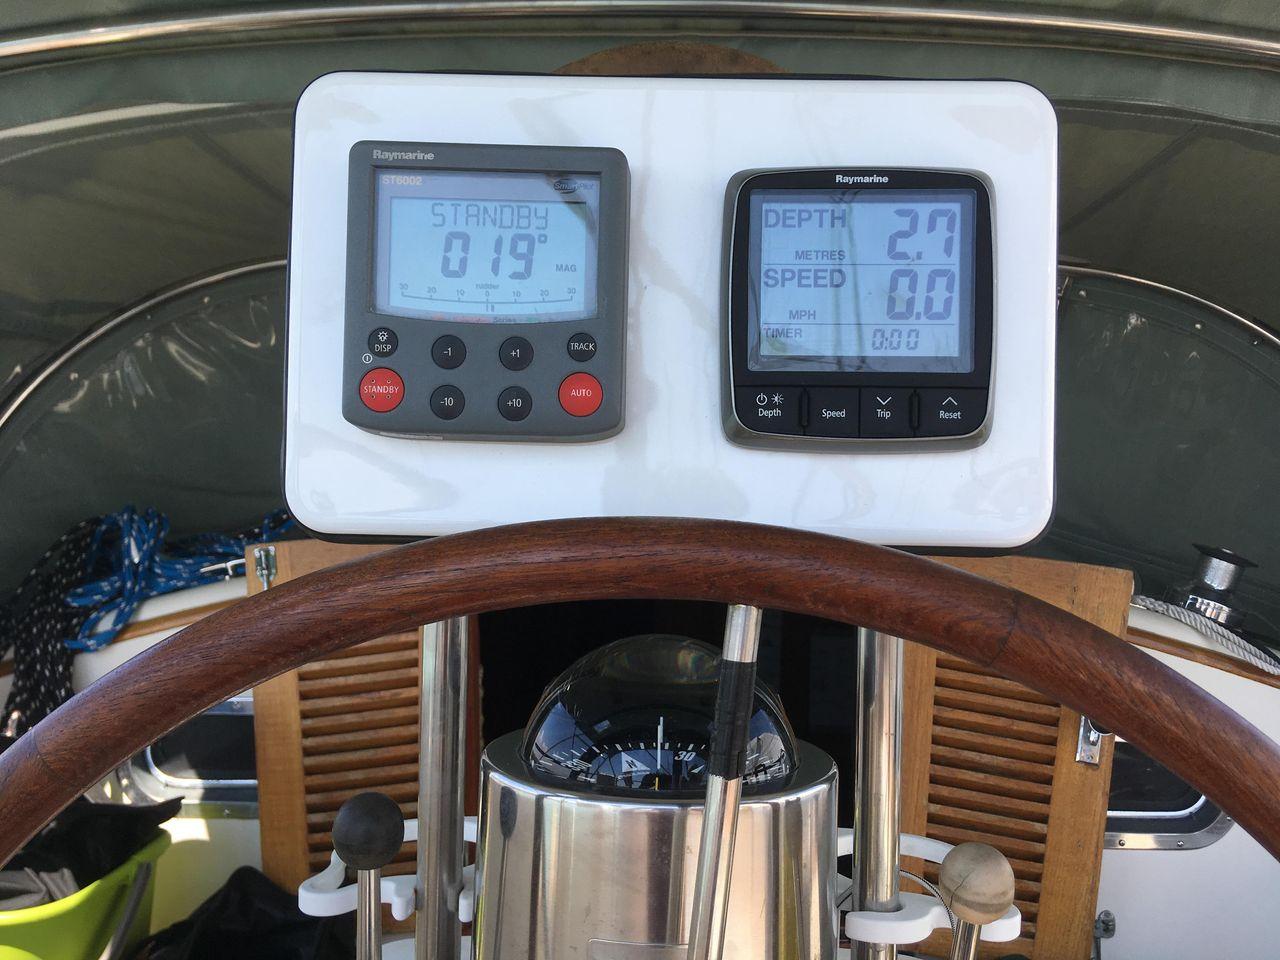 1986 Used Tashiba 36 Cruiser Sailboat For Sale - $149,900